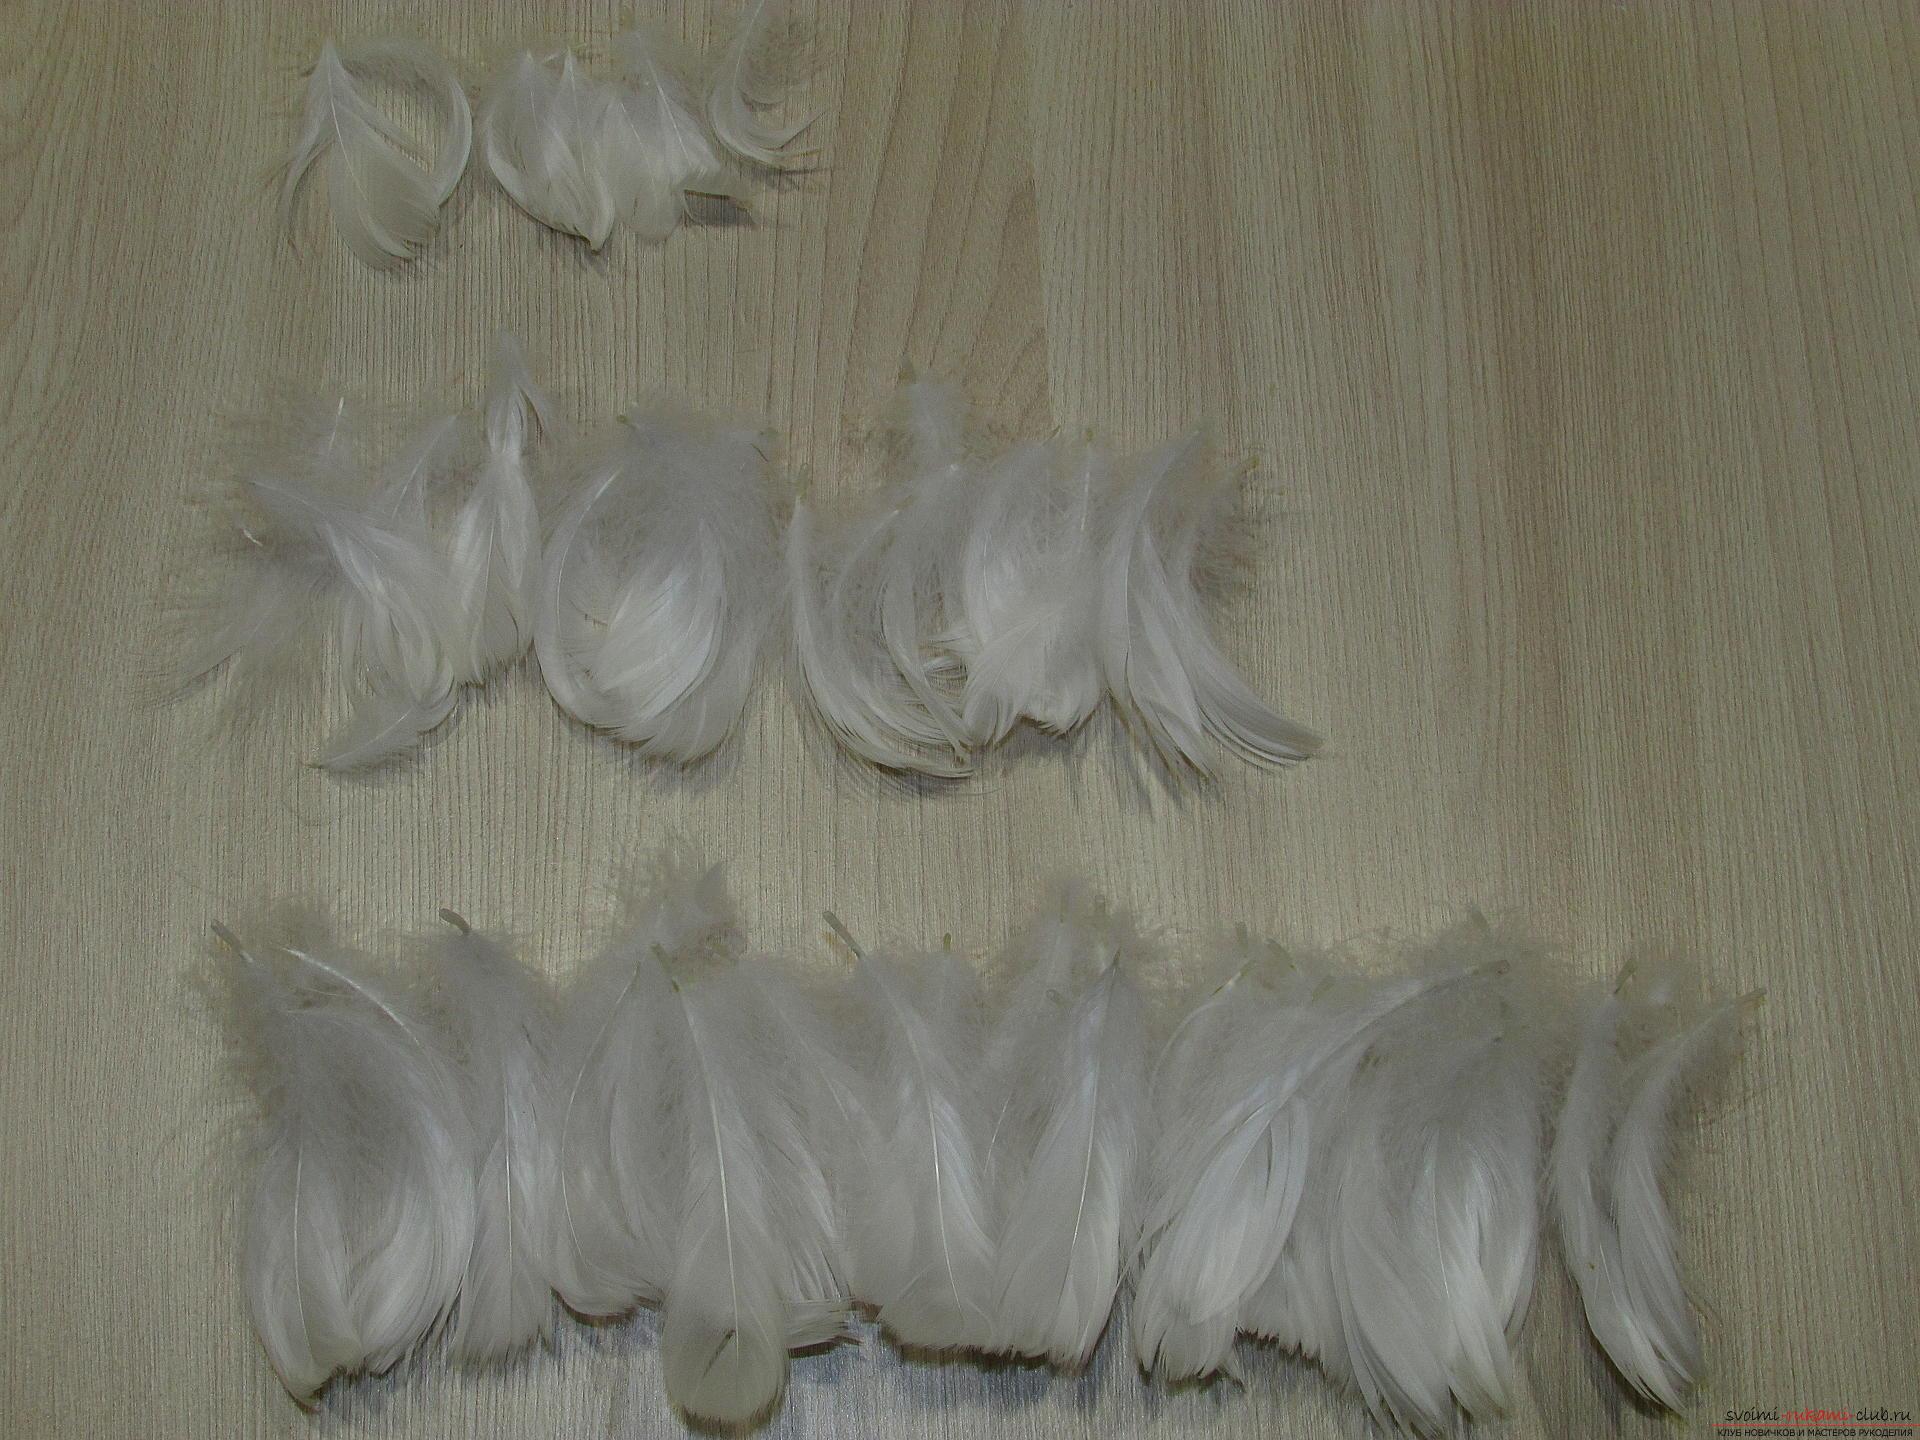 Этот мастер-класс - пошаговая инструкция с подробными фото как сделать елочку из перьев. Фото №7